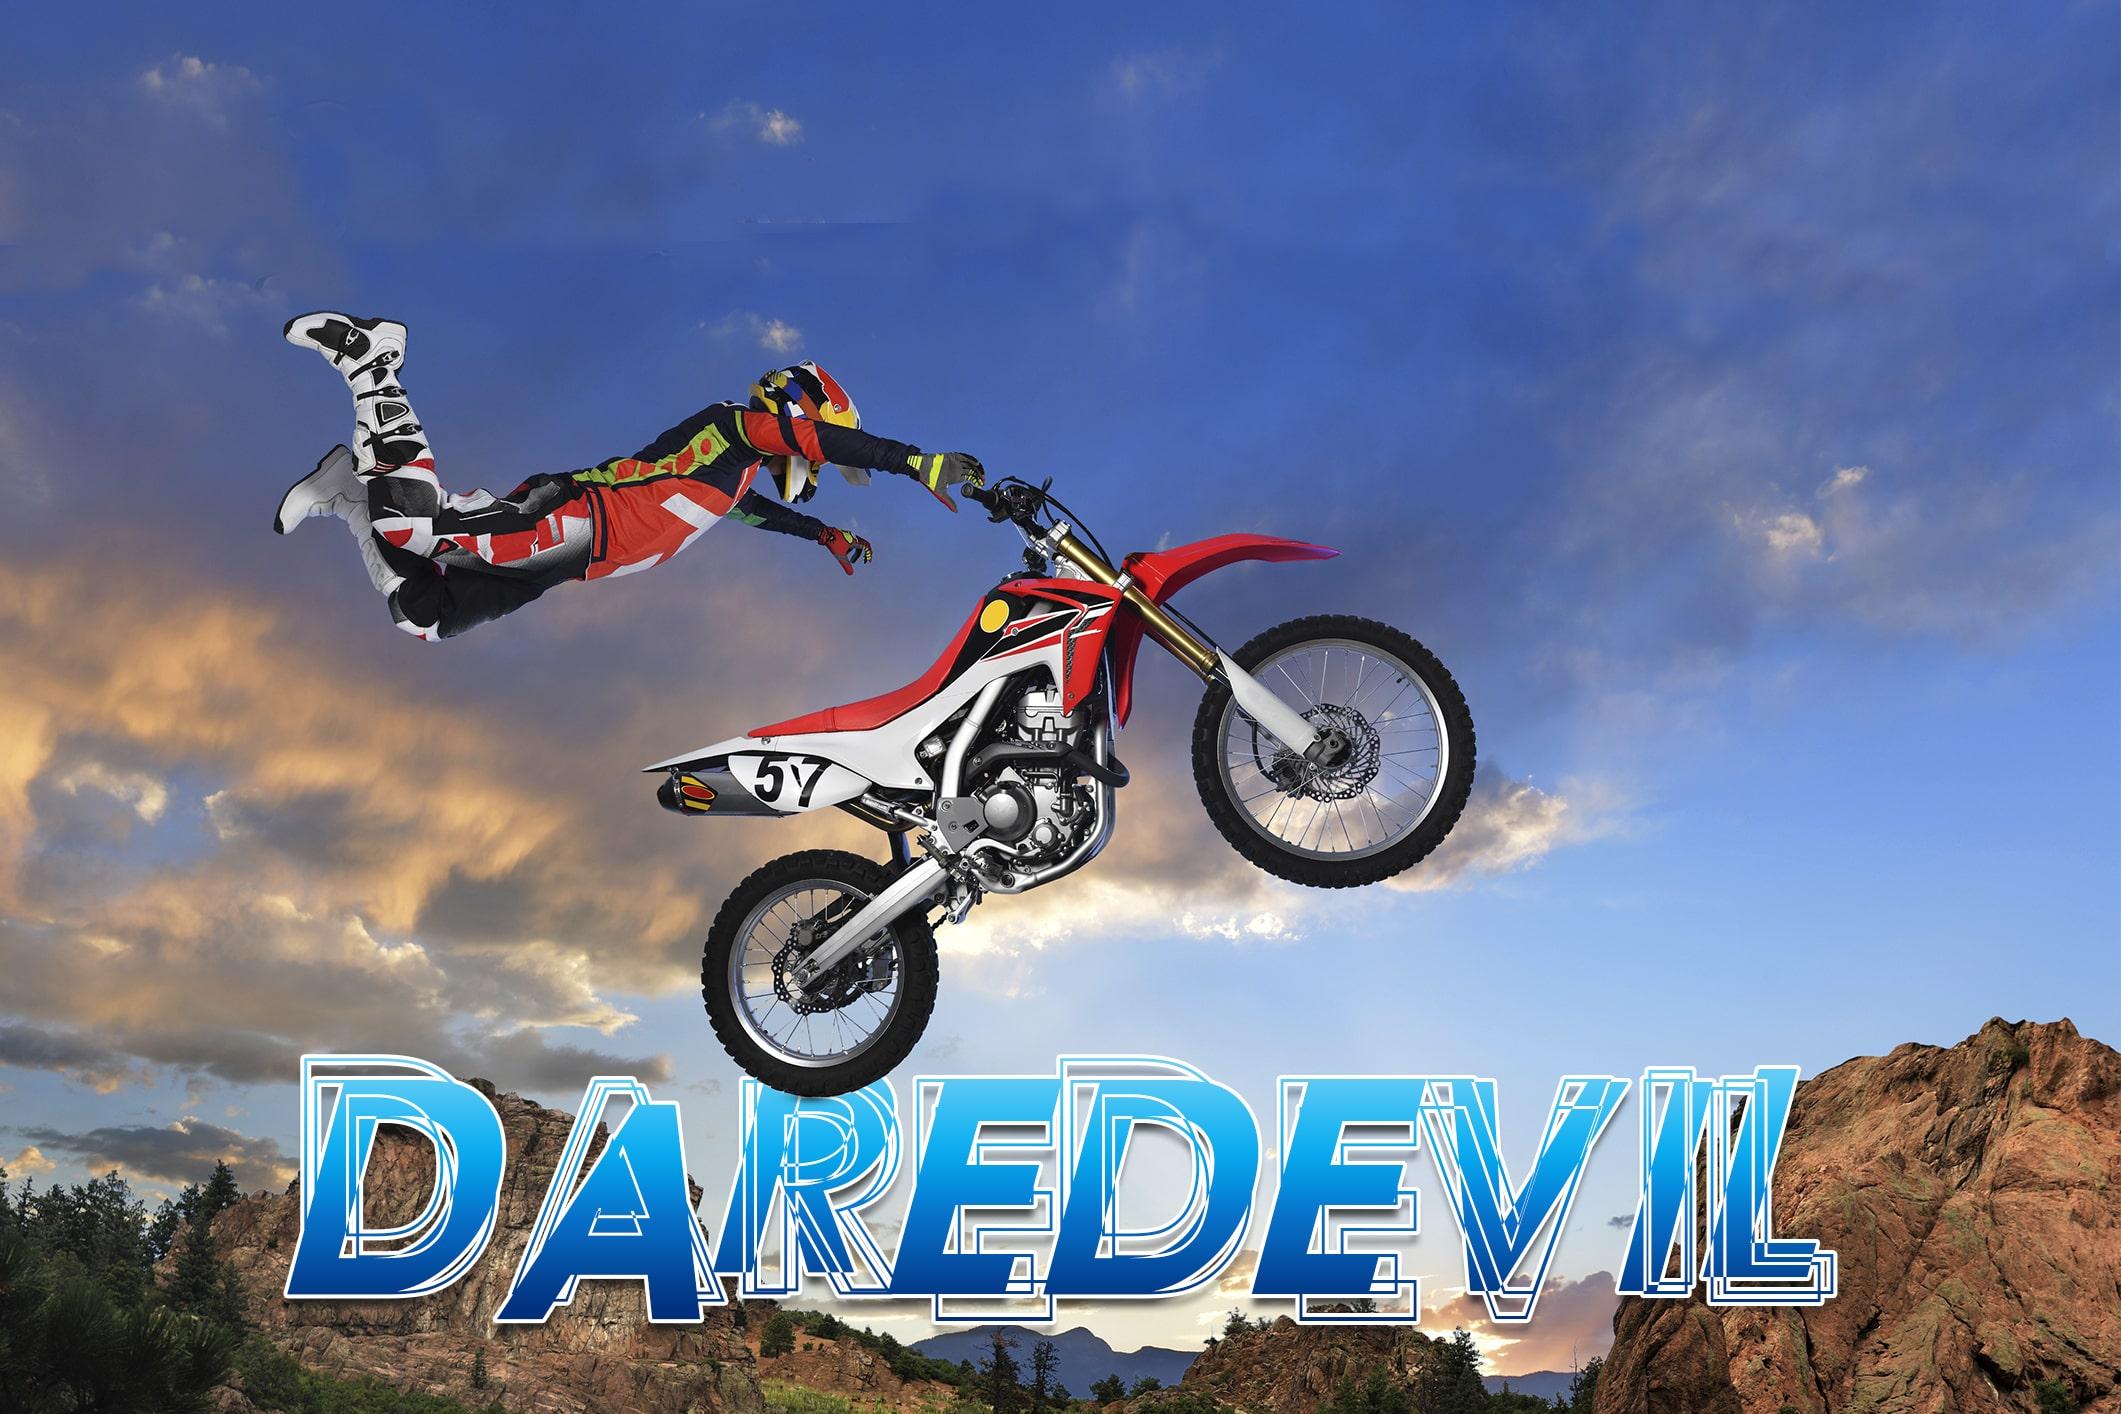 Daredevil2-min.jpg